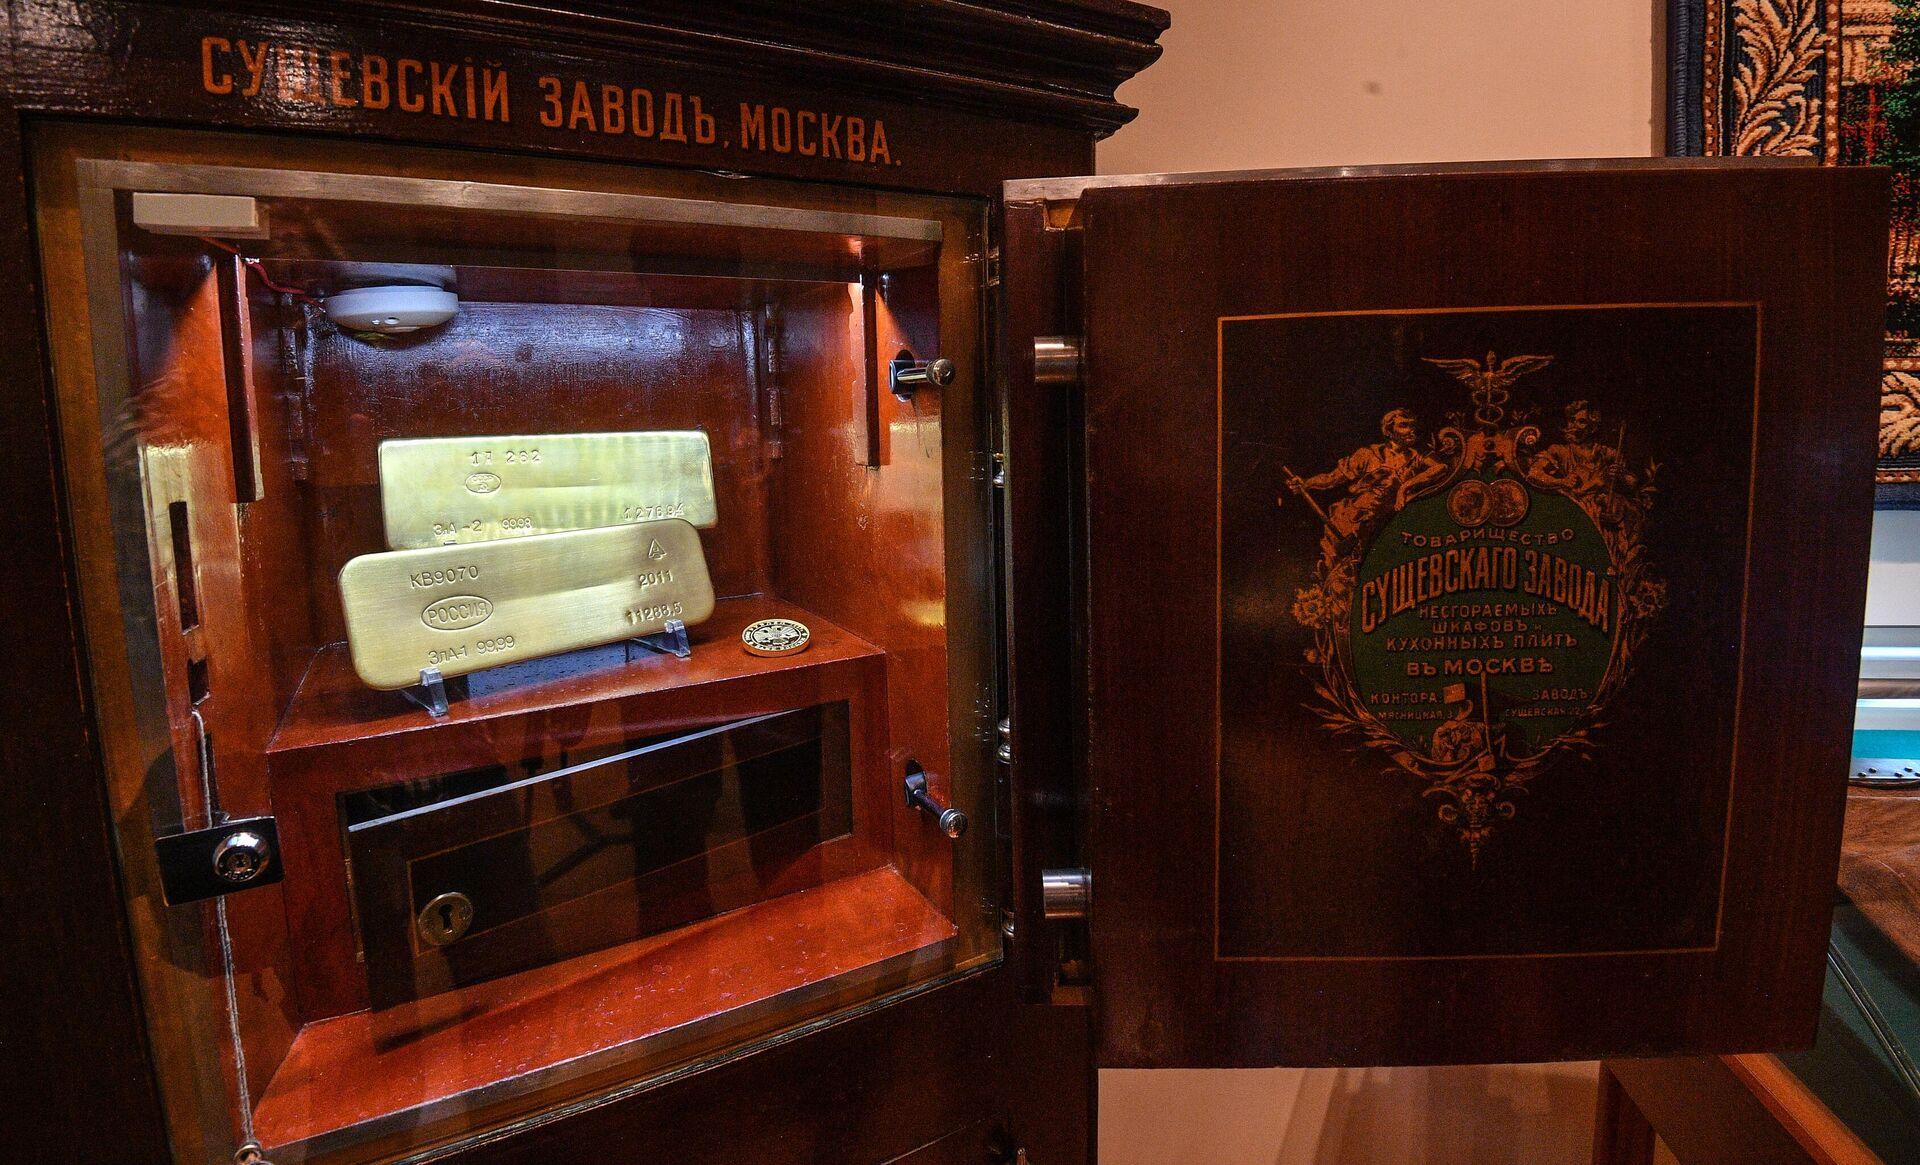 Золотые слитки - часть экспозиции в музее Банка России - РИА Новости, 1920, 27.05.2021